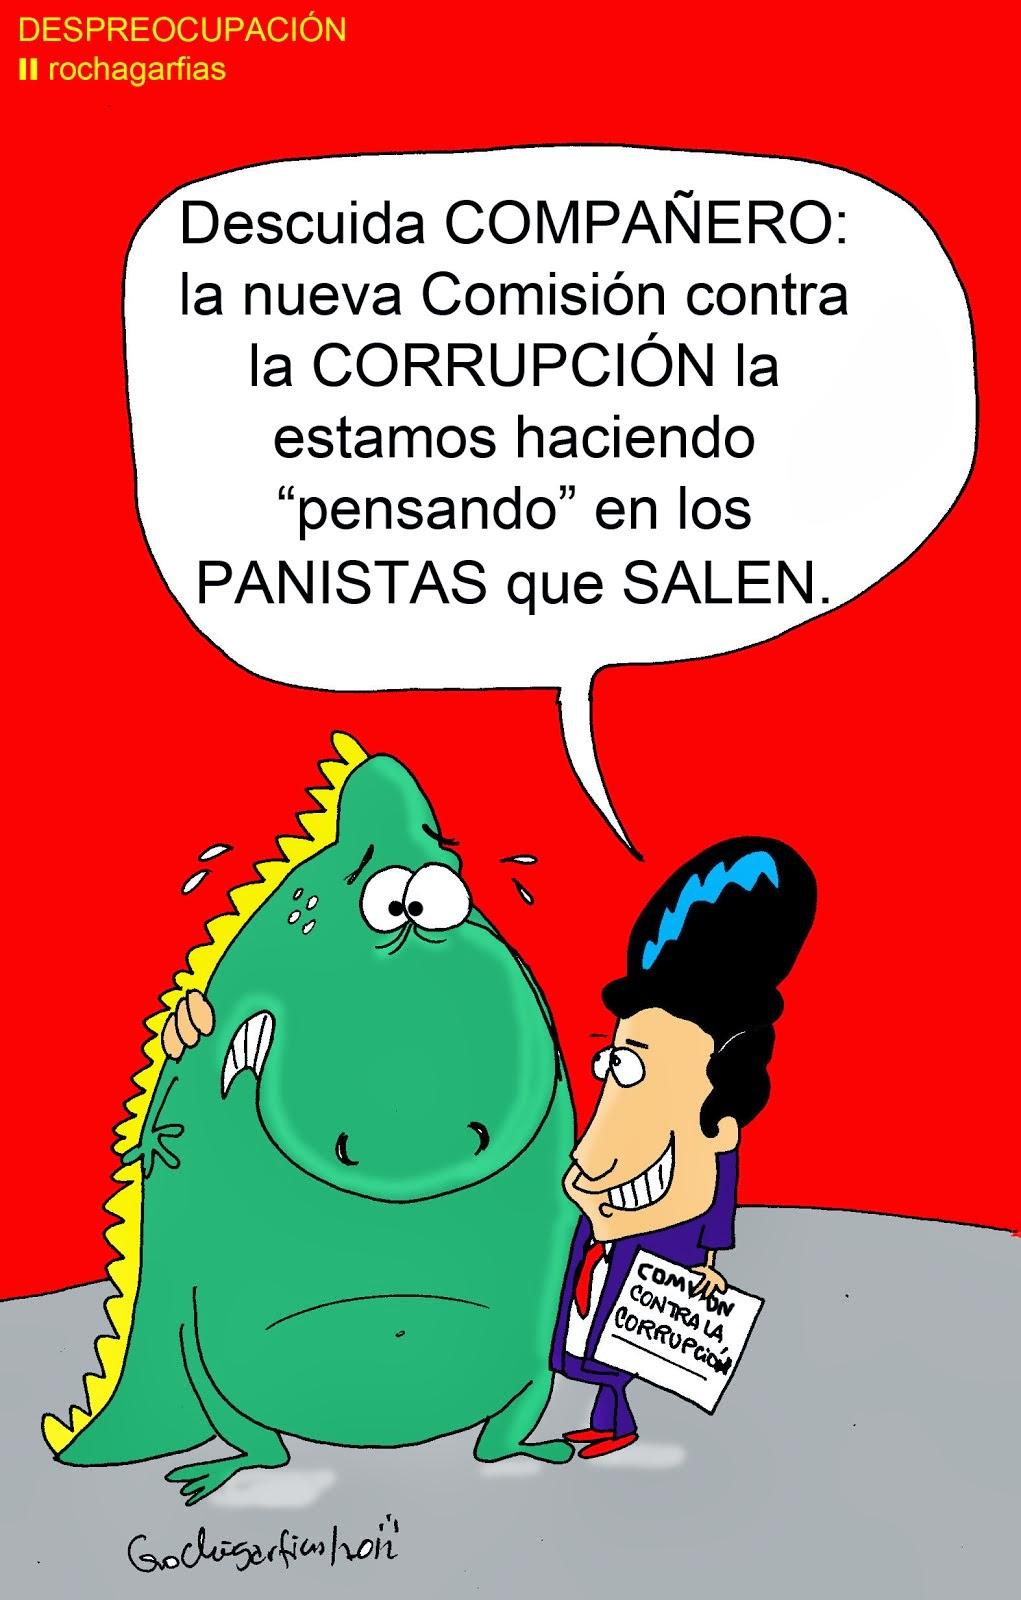 Despreocupación en la Comisión Anticorrupción